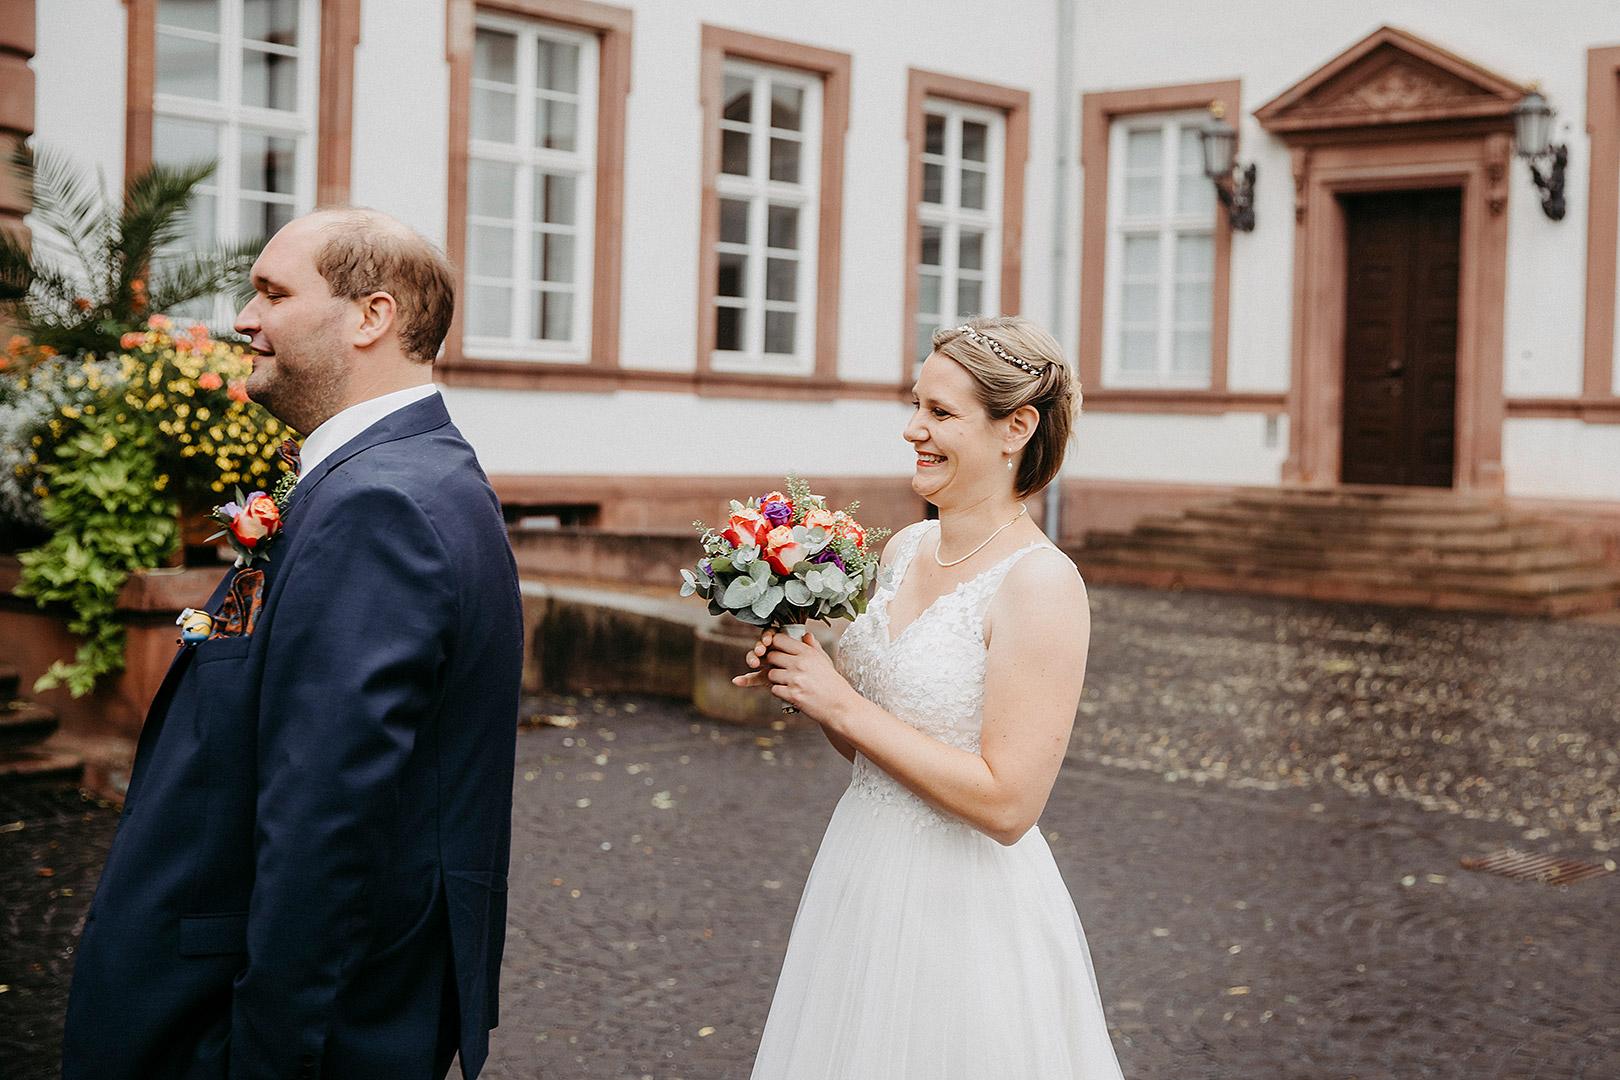 portrait_wedding_klaereundmarco_5